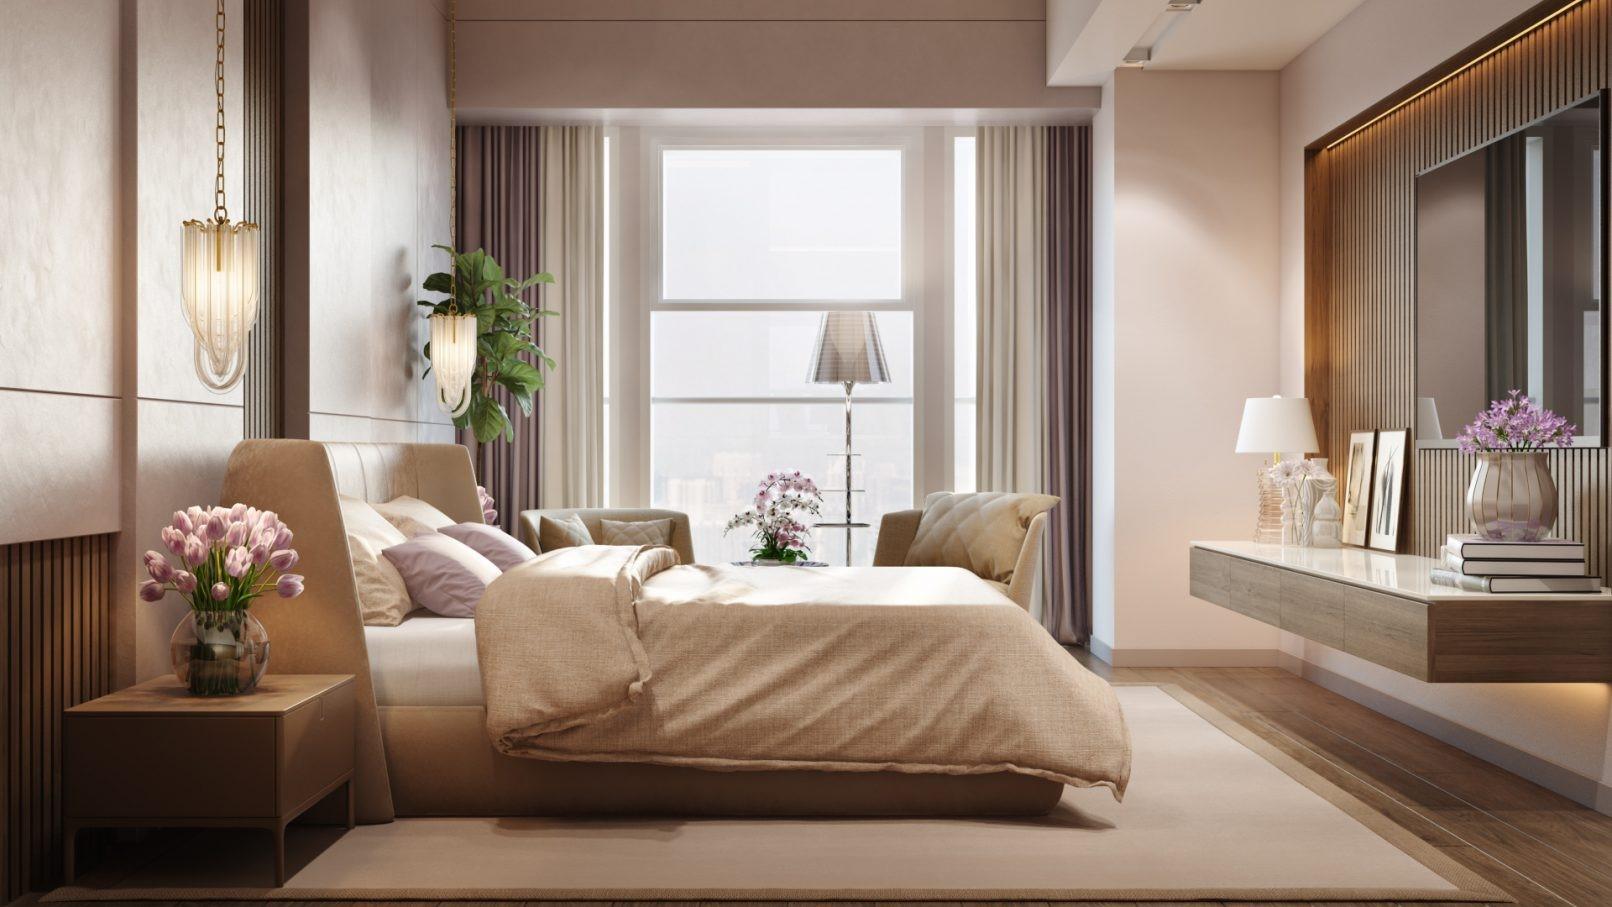 Детокс для квартиры: что куда переставить и что выбросить